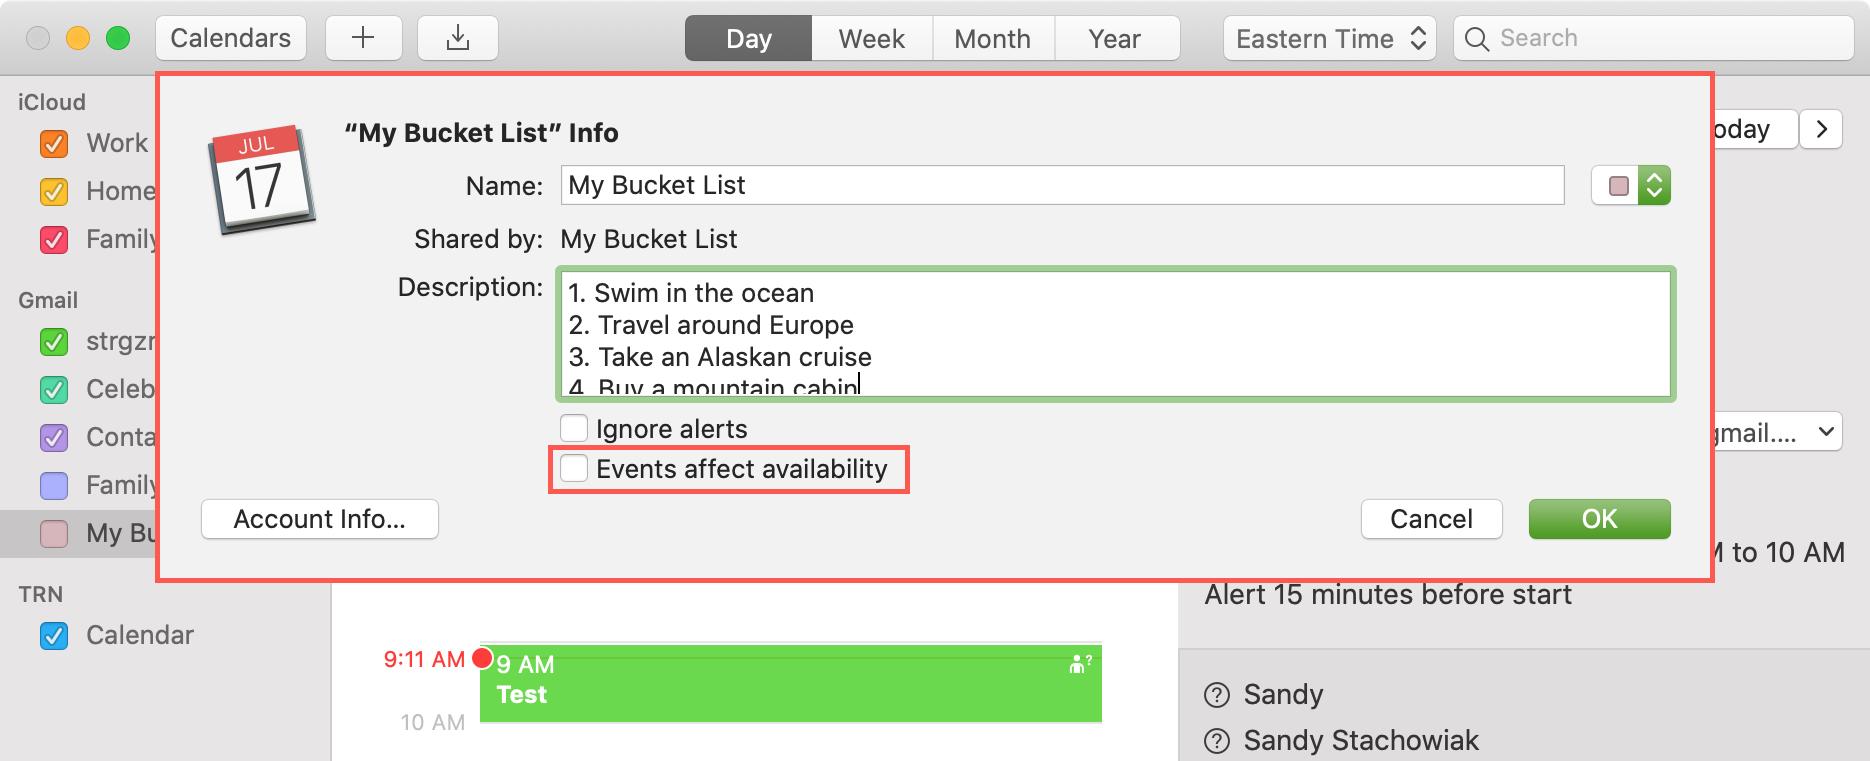 Los eventos afectan el cuadro de accesibilidad Calendar Mac